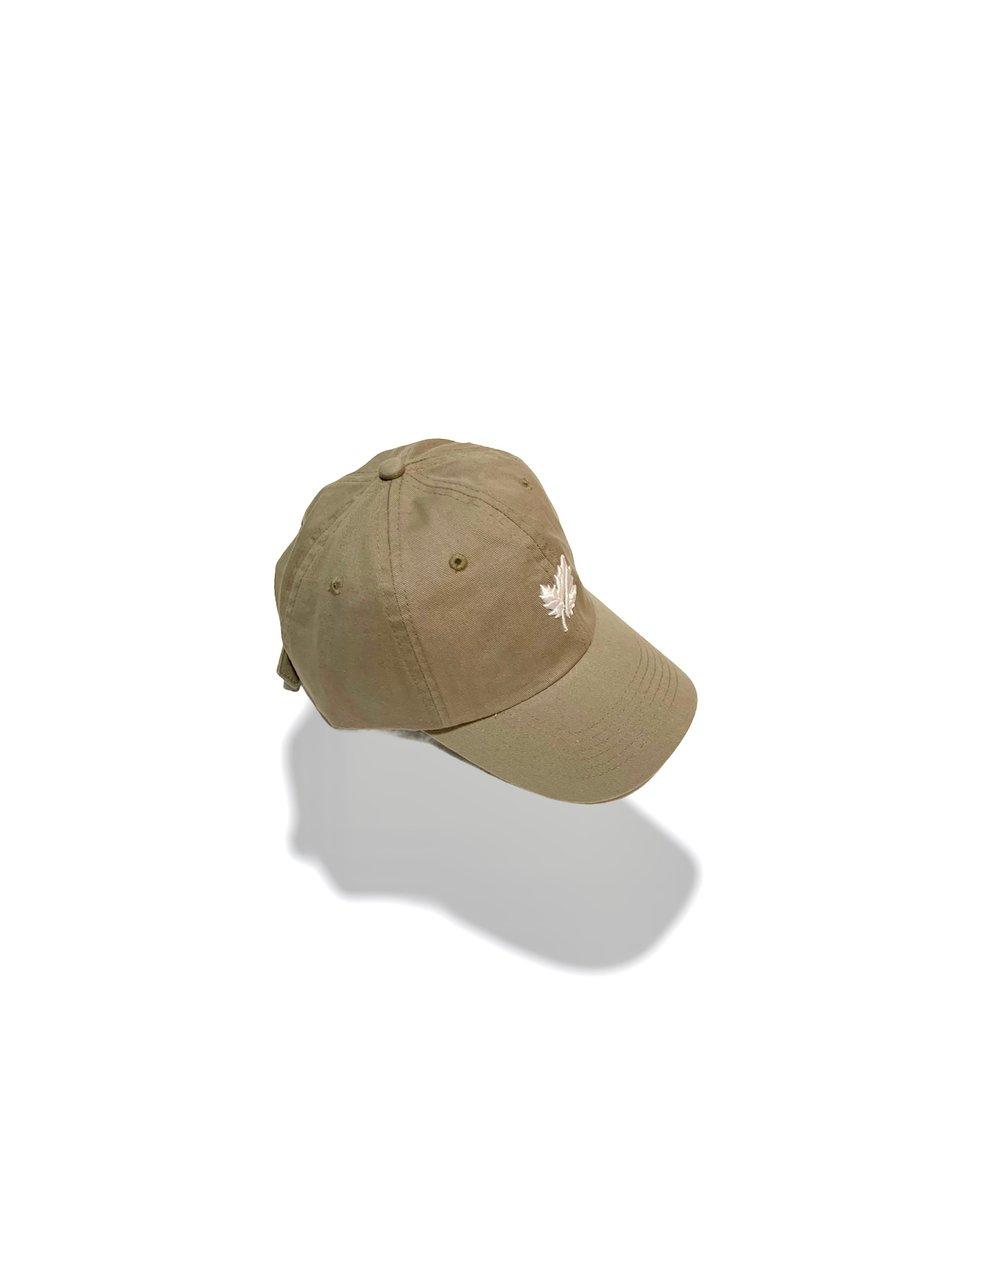 Image of Khaki Golf Cap